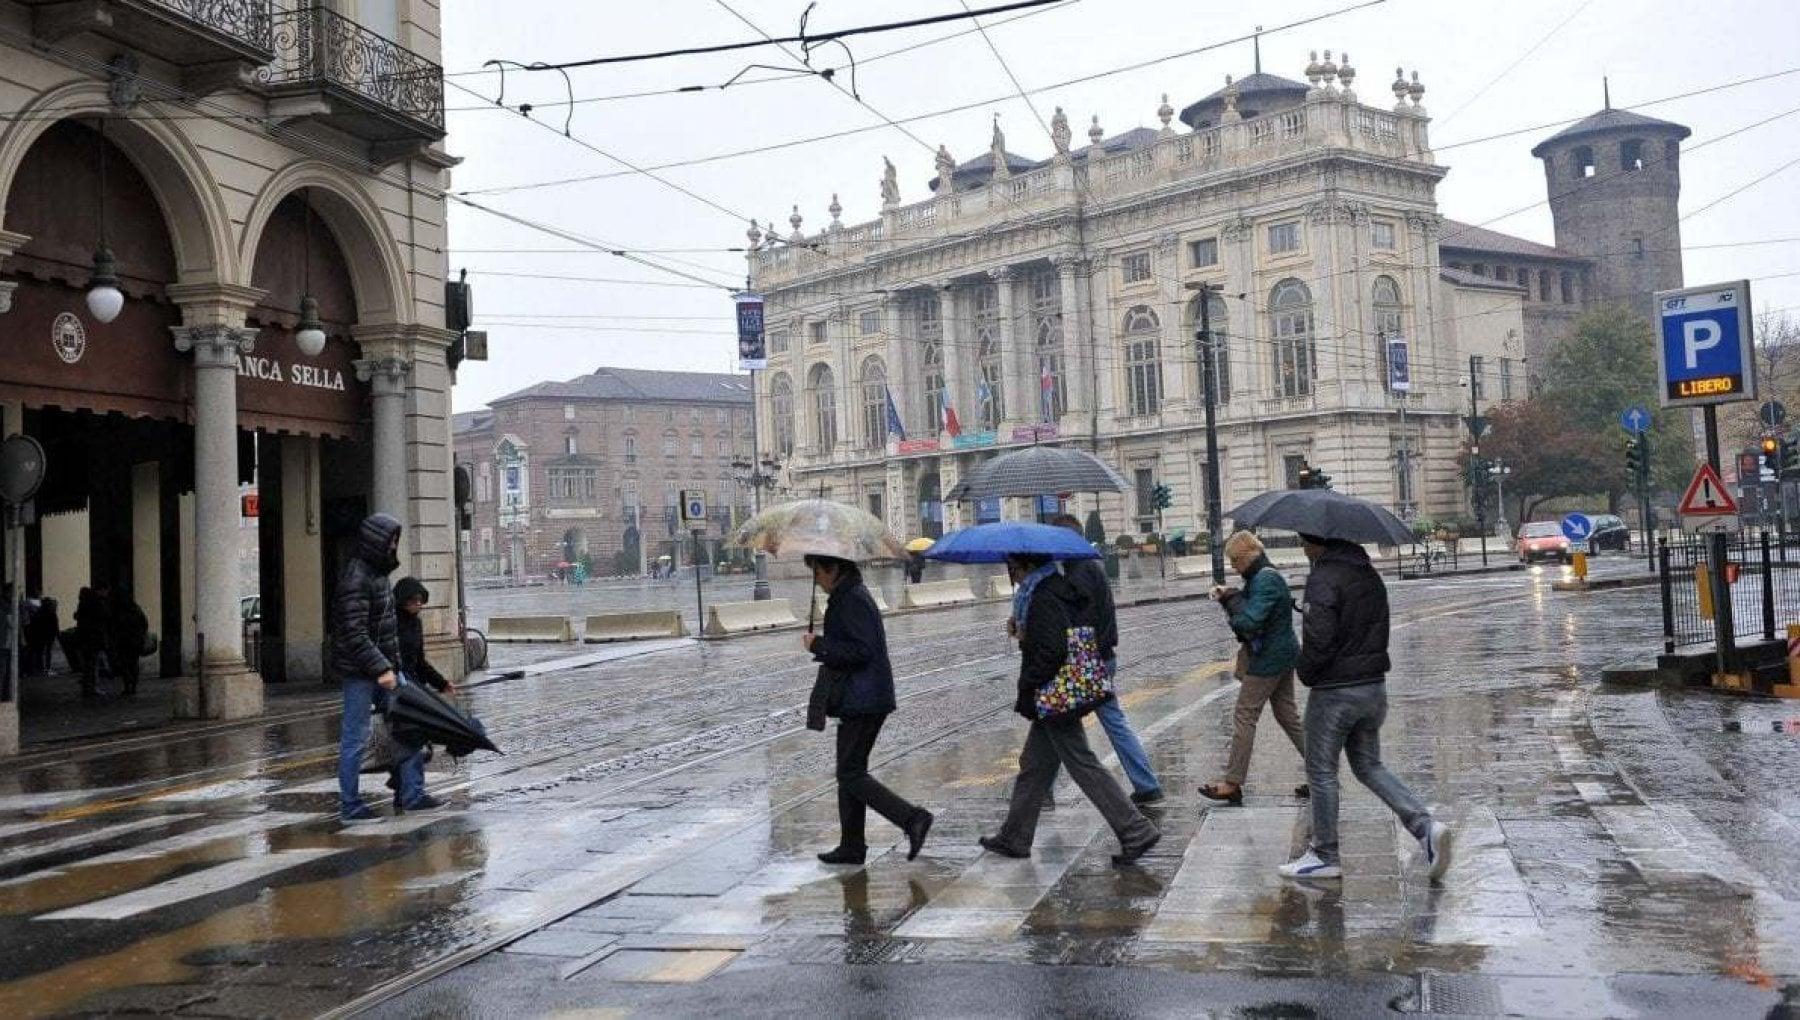 120903725 ae70e300 e085 4139 b62e 996cffa1a5f5 - Meteo, ritorno d'inverno con pioggia, vento e neve. Nuvole anche sul weekend